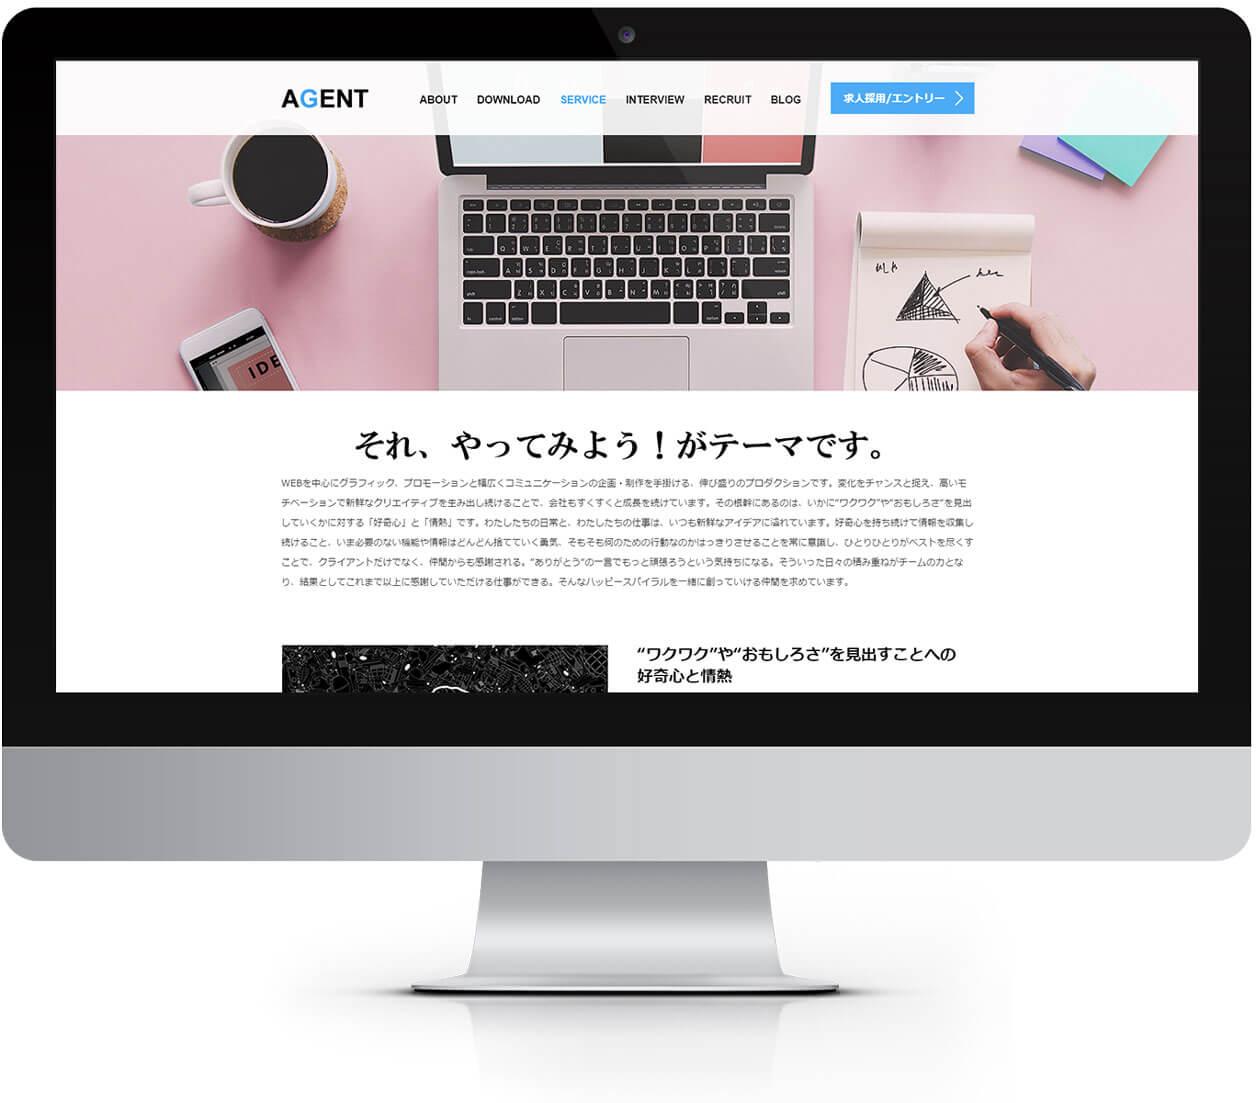 033_AGENT_Desktop3